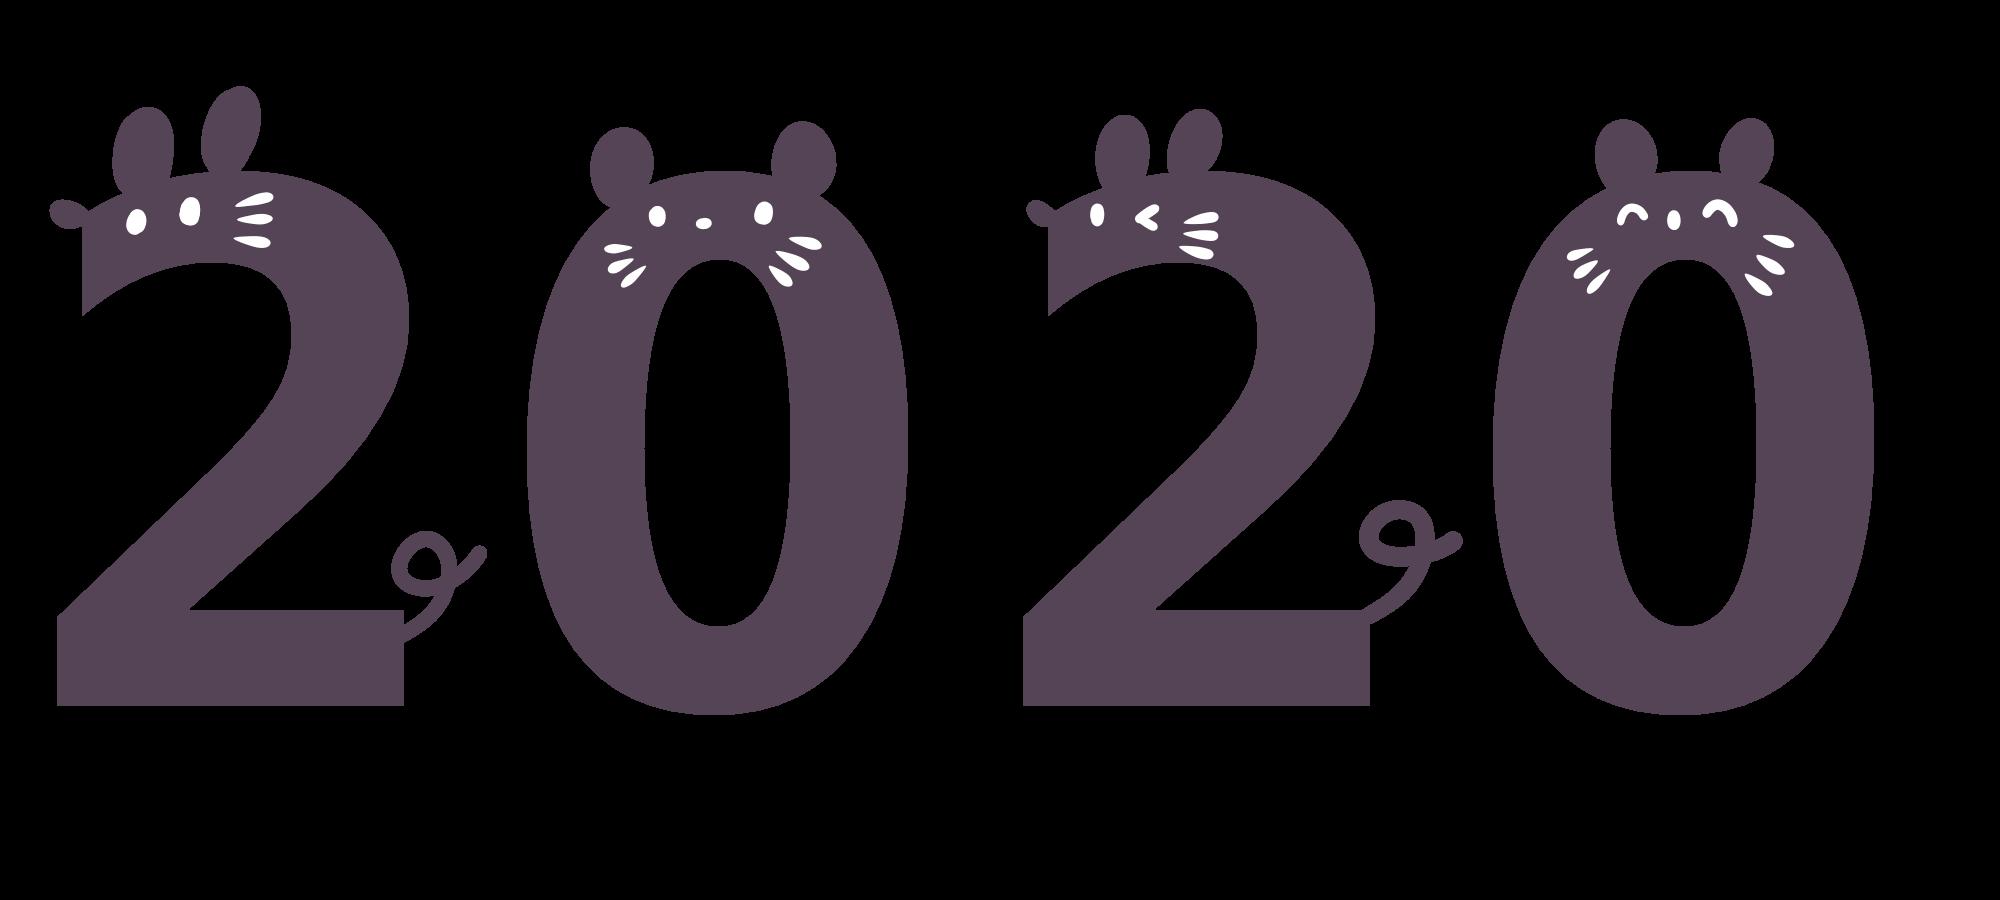 2020年のロゴの無料イラスト